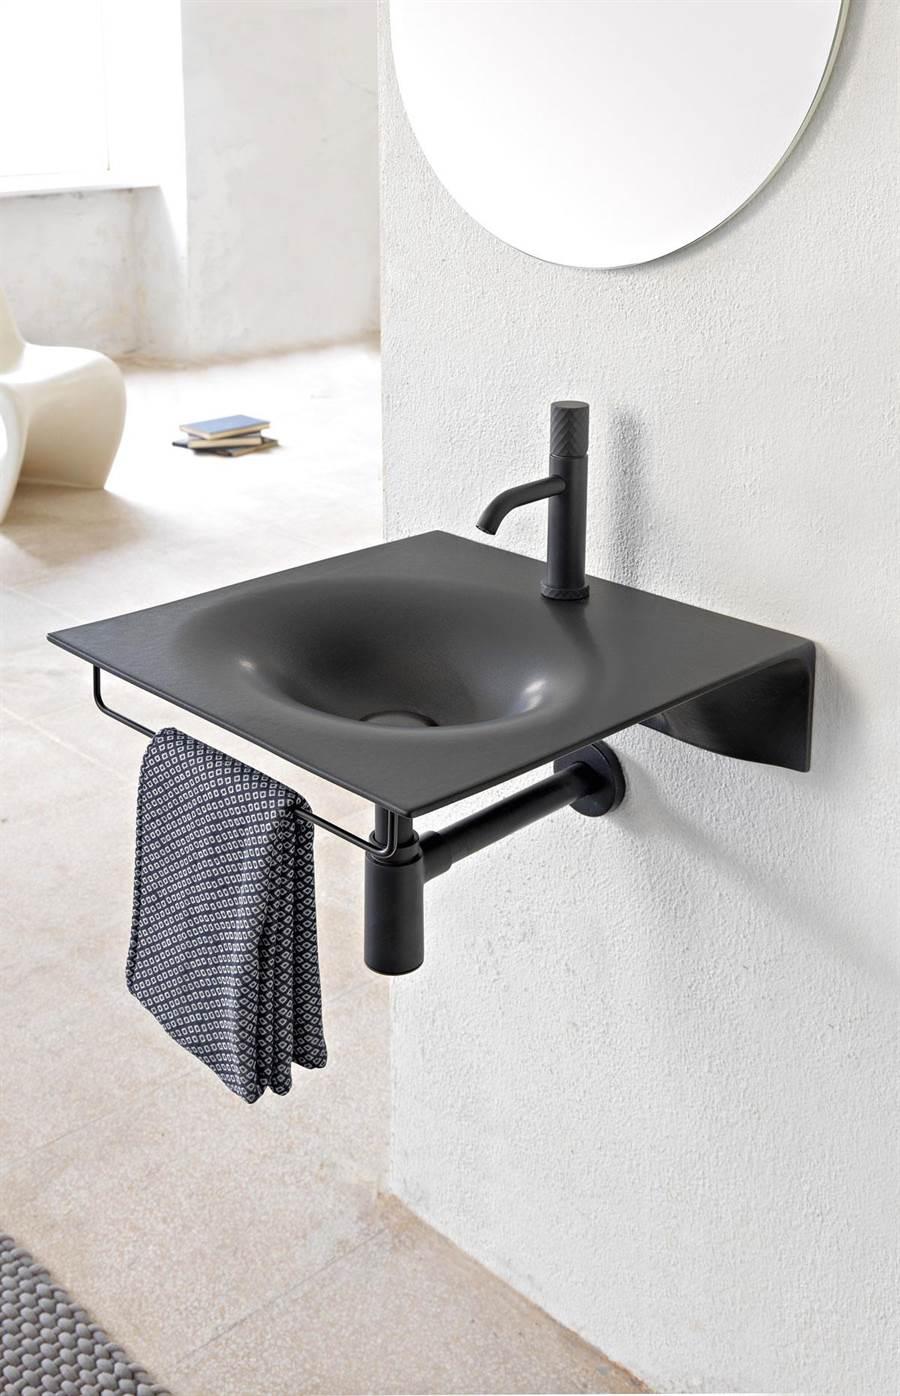 Scaerabeo Veil系列,以「極致輕薄」設計,挑戰陶瓷厚度超薄極限,提升內盆的使用空間。(麗舍提供)